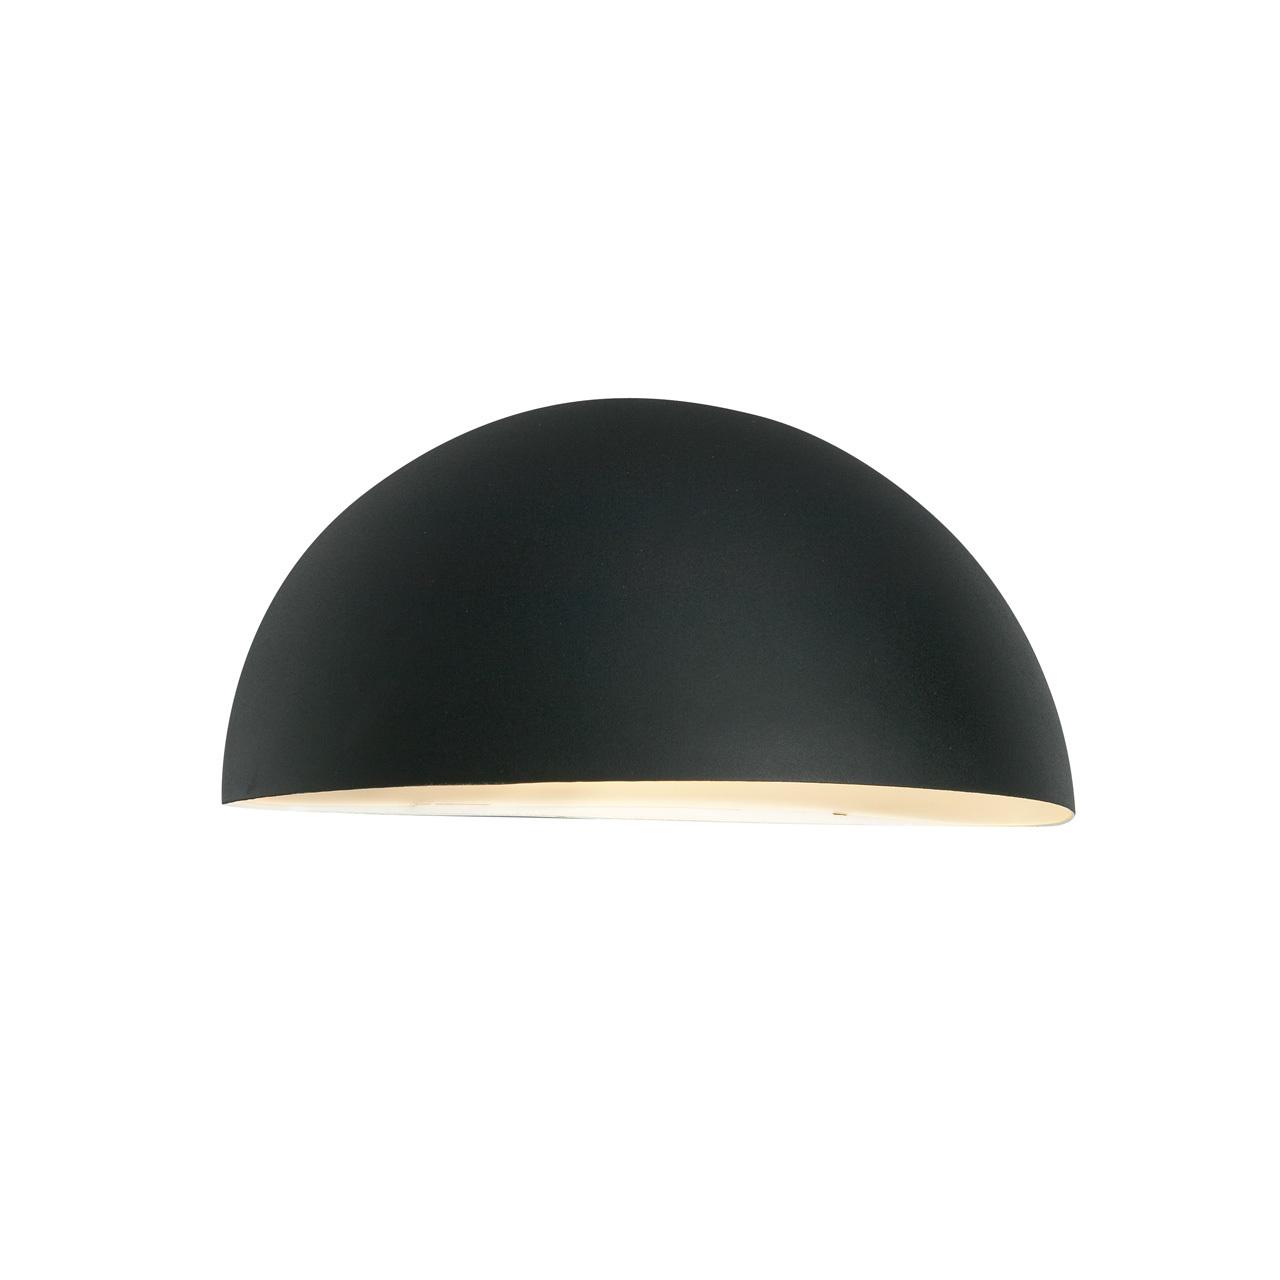 Lampa ścienna PARIS 163B -Norlys  SPRAWDŹ RABATY  5-10-15-20 % w koszyku